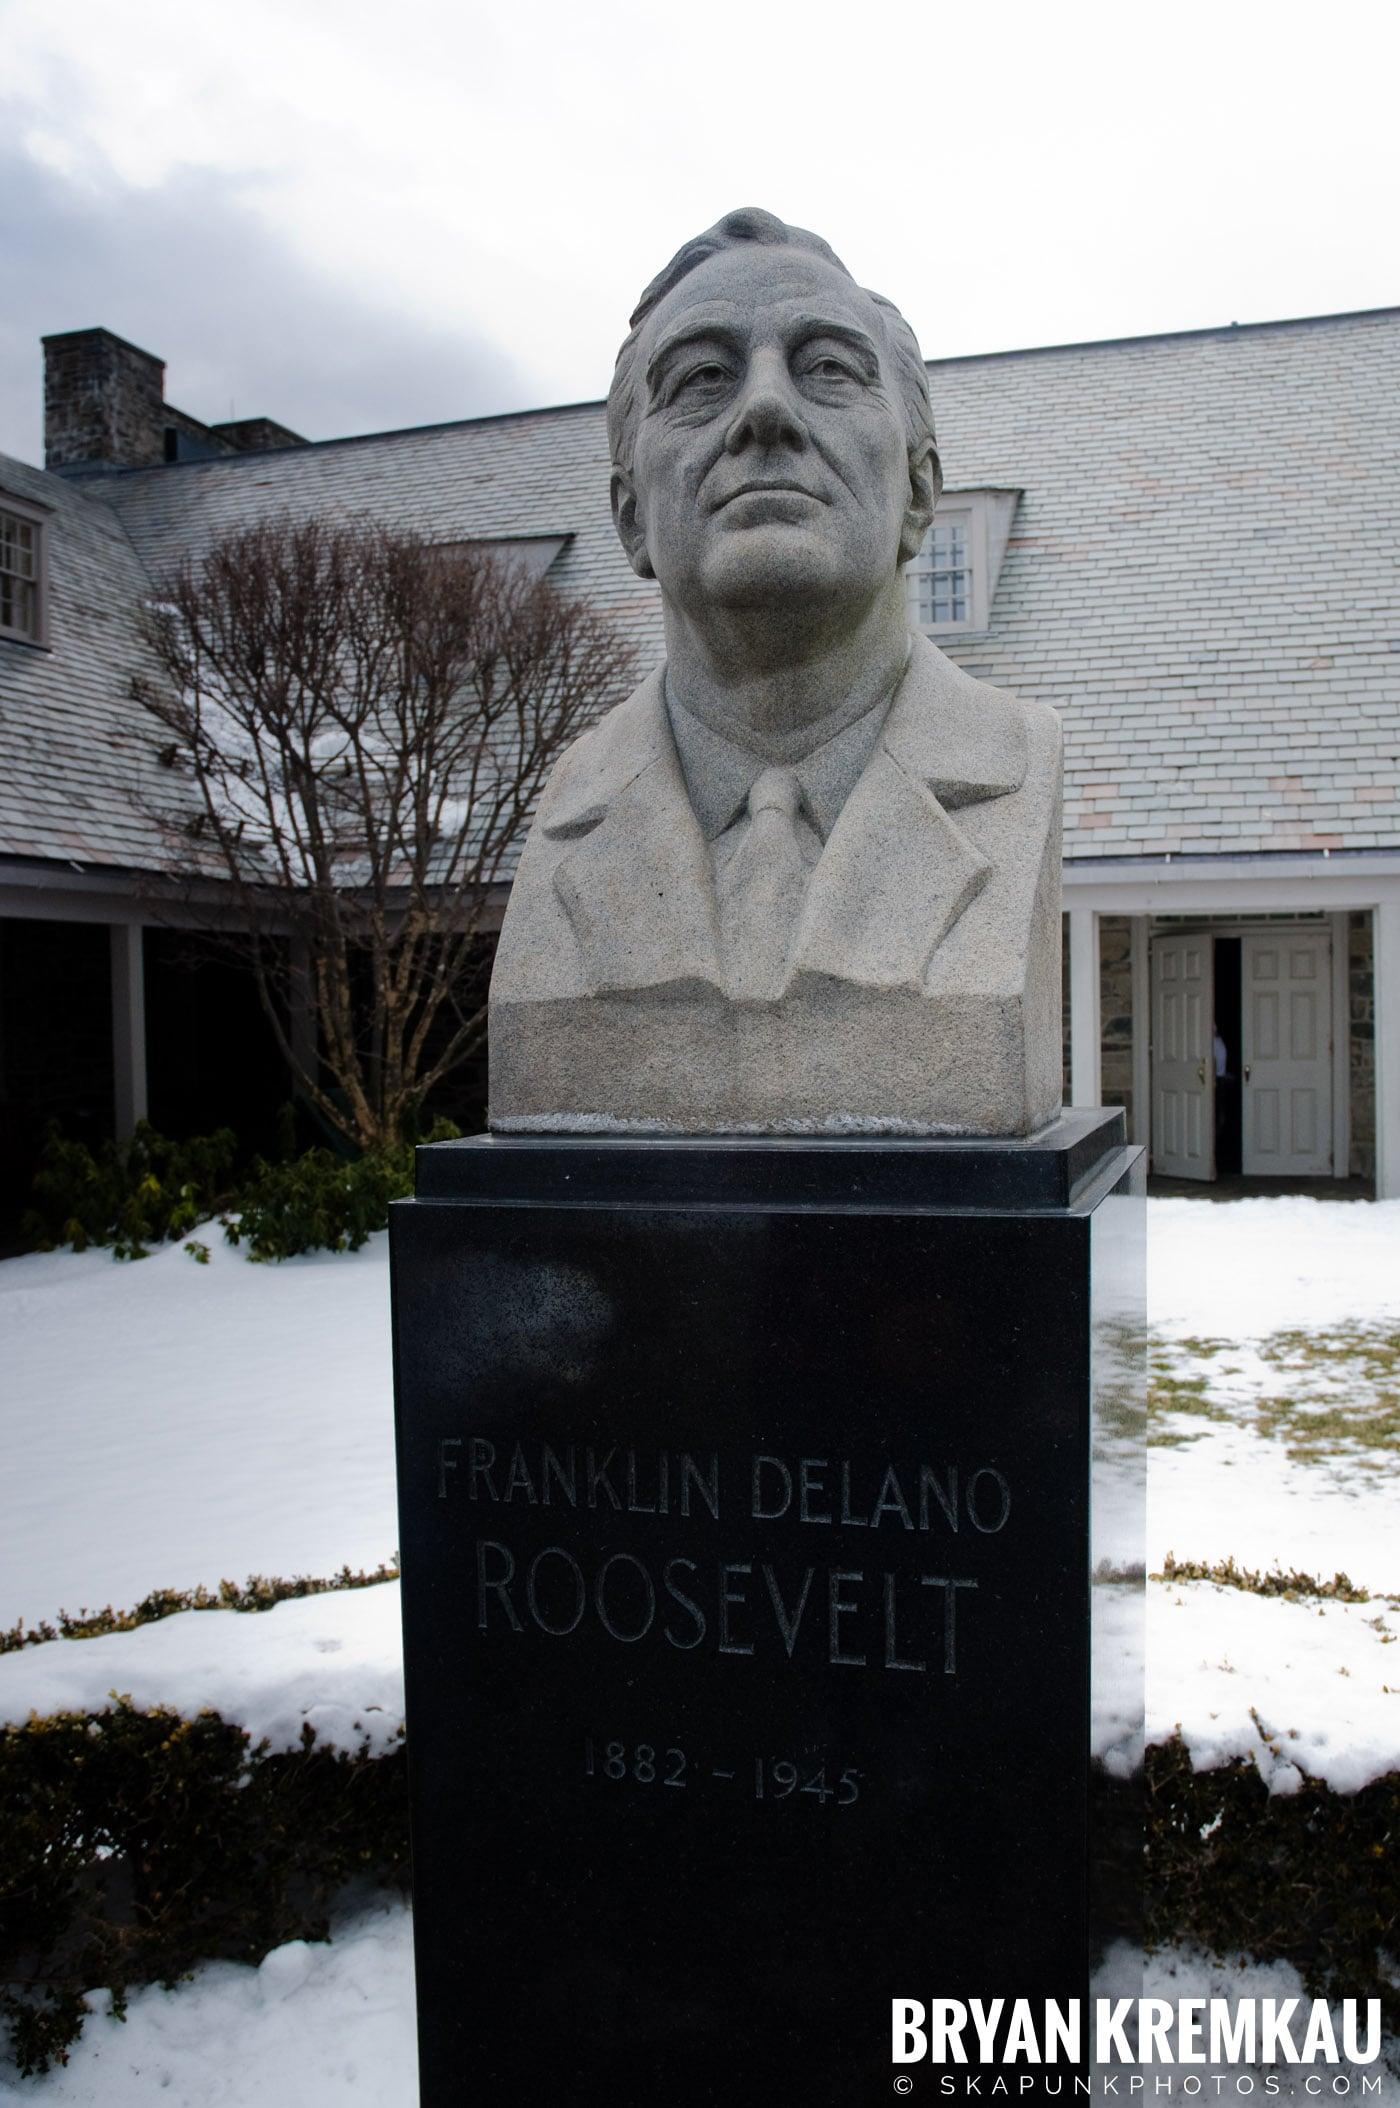 Valentine's Day Trip @ Rhinebeck, FDR's Home, Vanderbilt, Wilderstein Historic Site, NY - 2.14.10 (15)